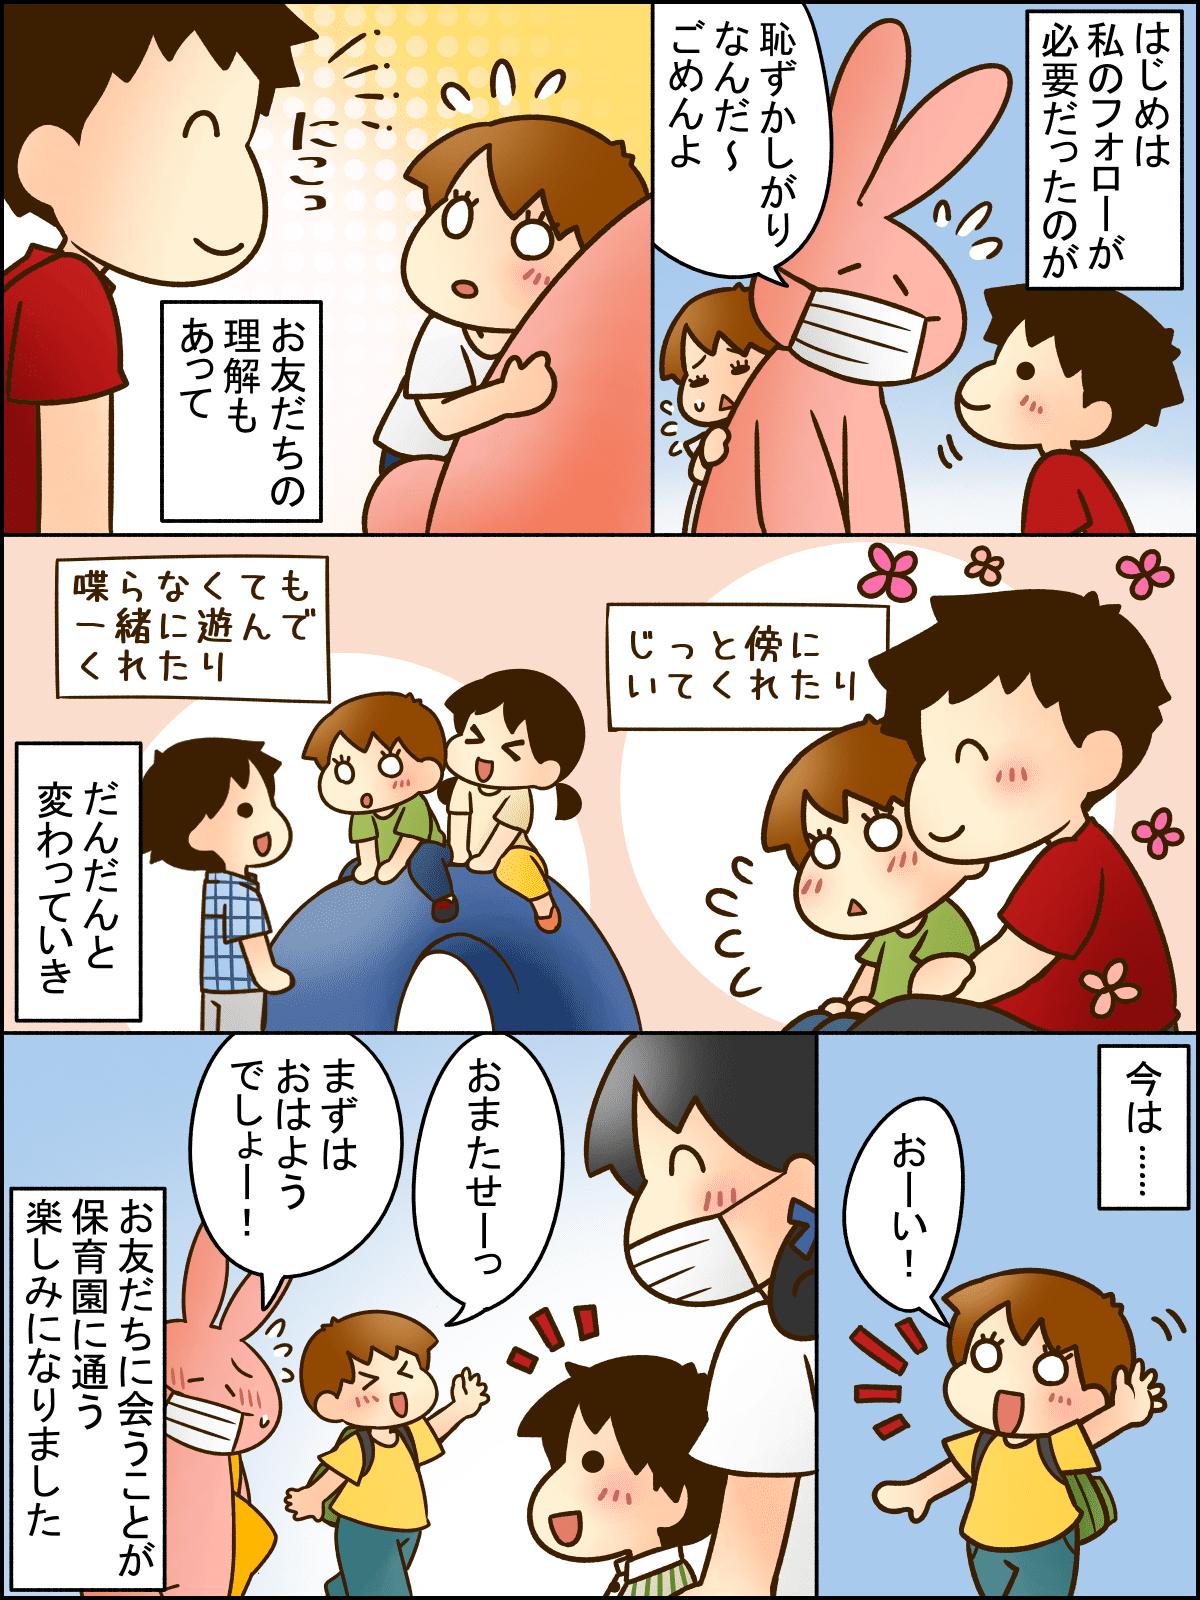 息子のお友達づくりをママがサポート!03